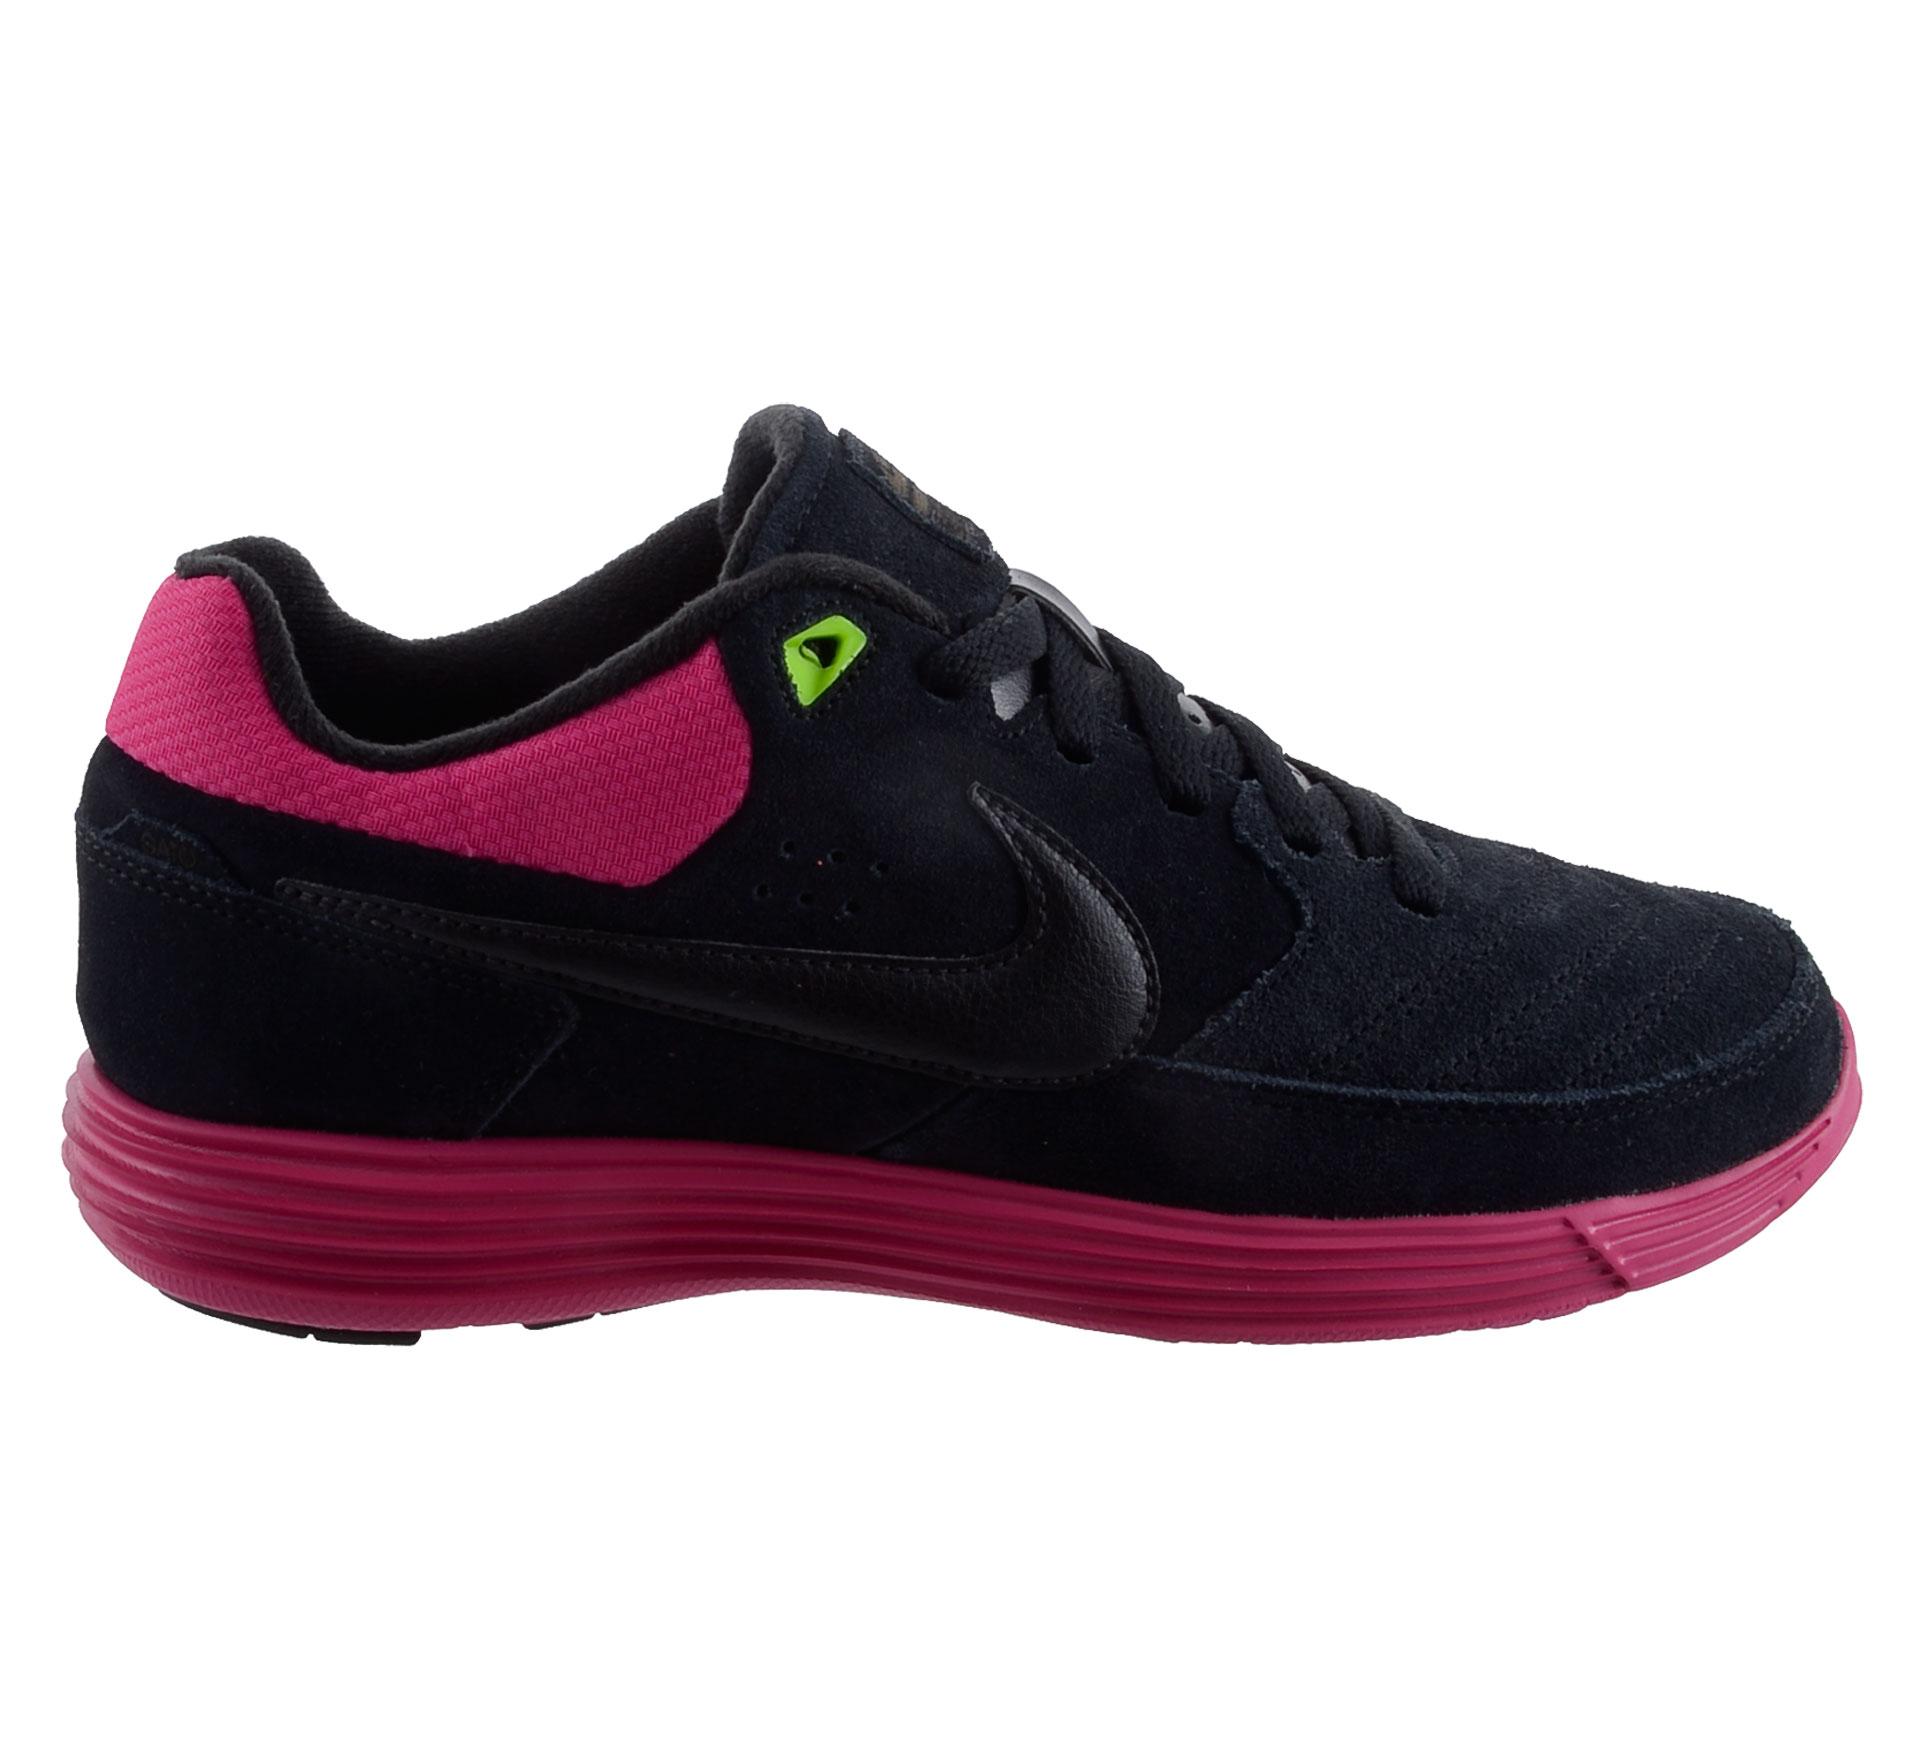 Nike NSW Lunar Gato Fitnessschoenen zwart - roze